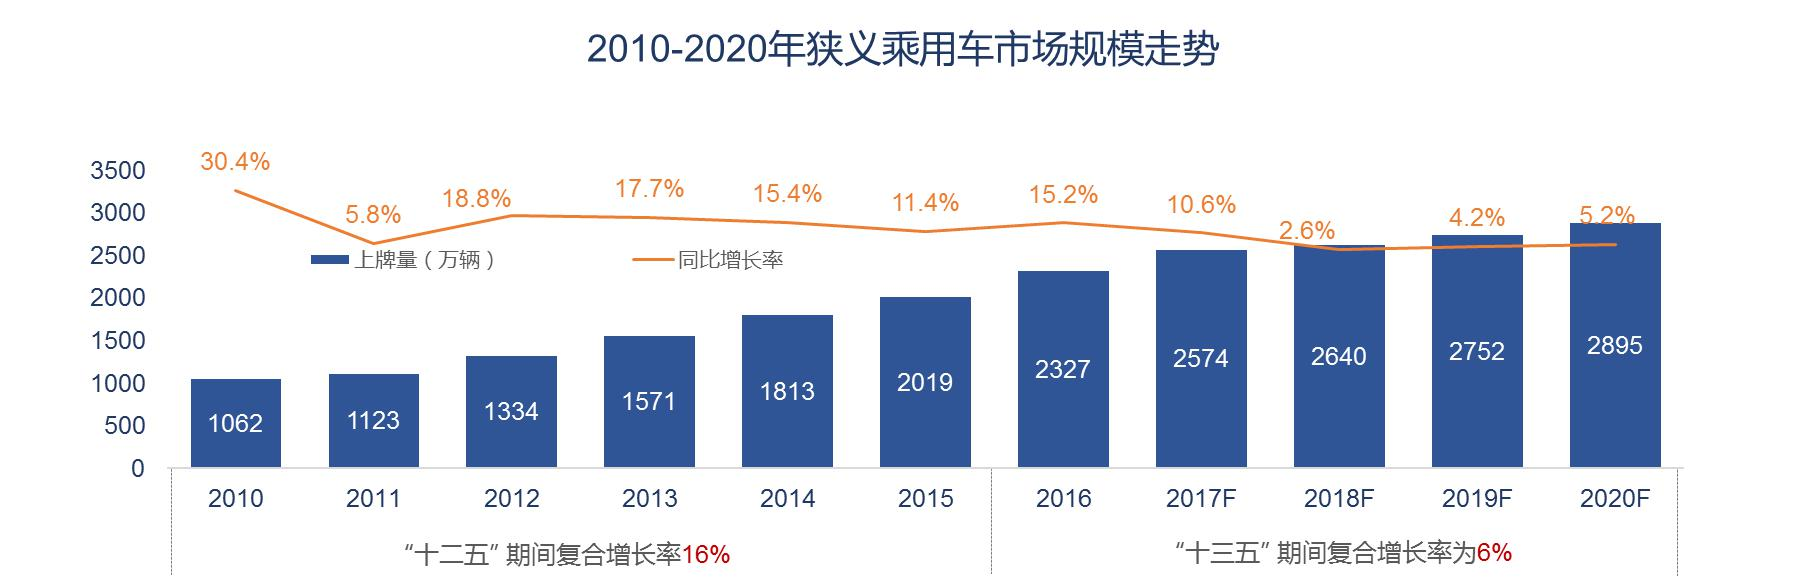 图表1. 2010-2020年狭义乘用车市场规模走势